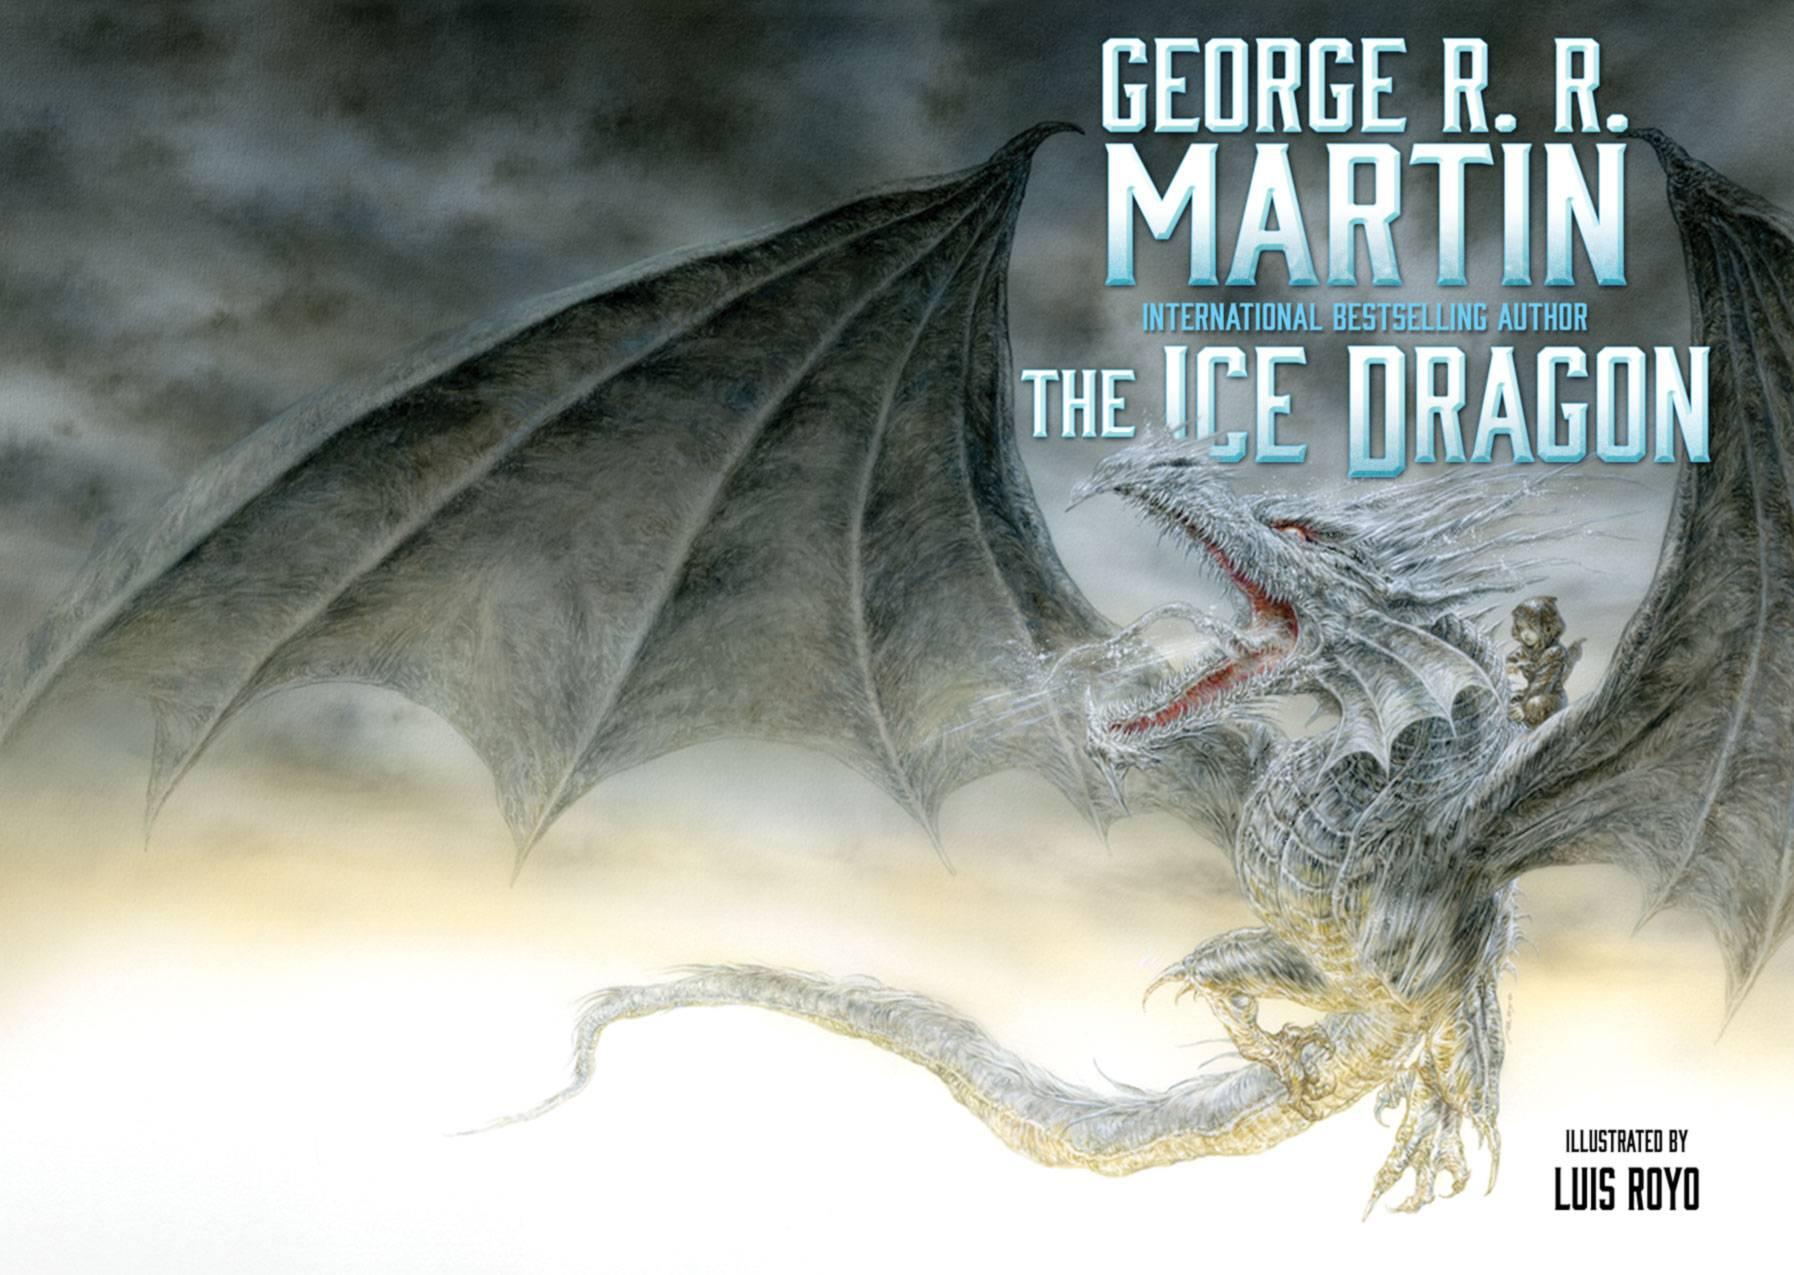 Джордж Мартин выступит продюсером мультфильма «Ледяной дракон» по его рассказу